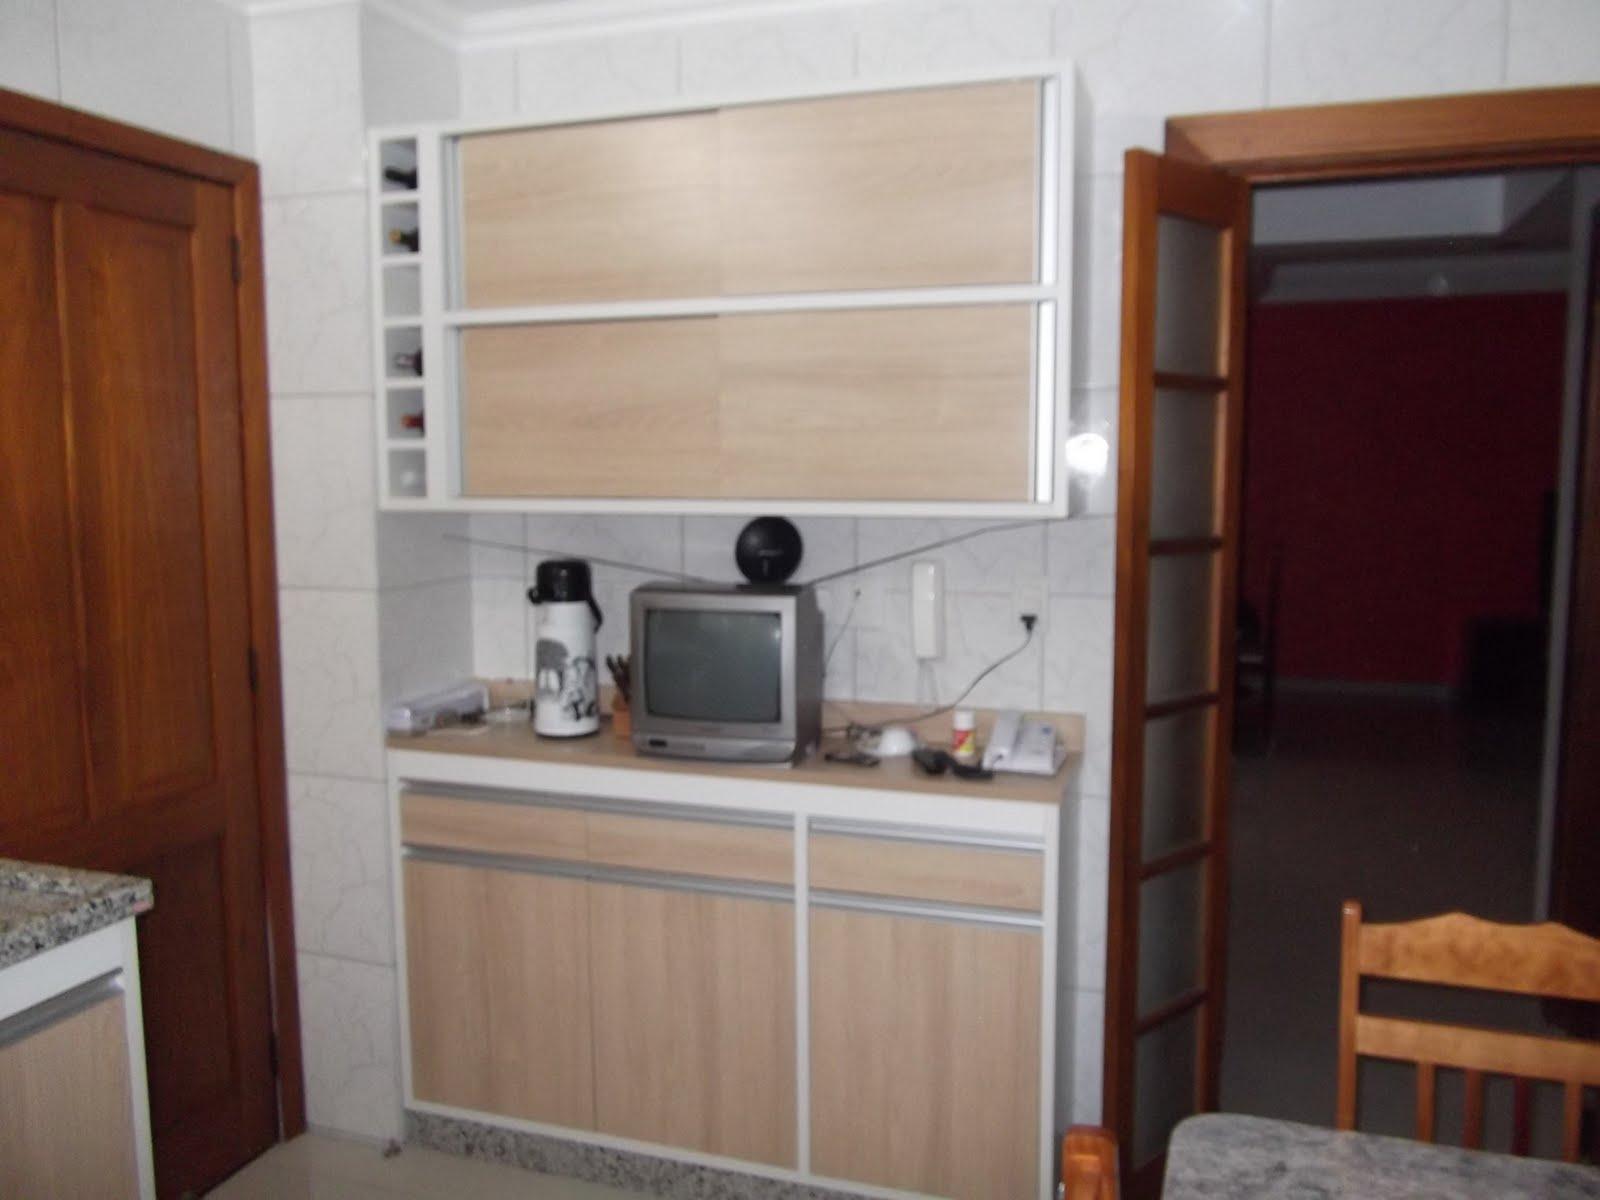 Móveis Borges: Cozinha em MDF Branco 25 mm com portas e frentes MDF  #673720 1600 1200